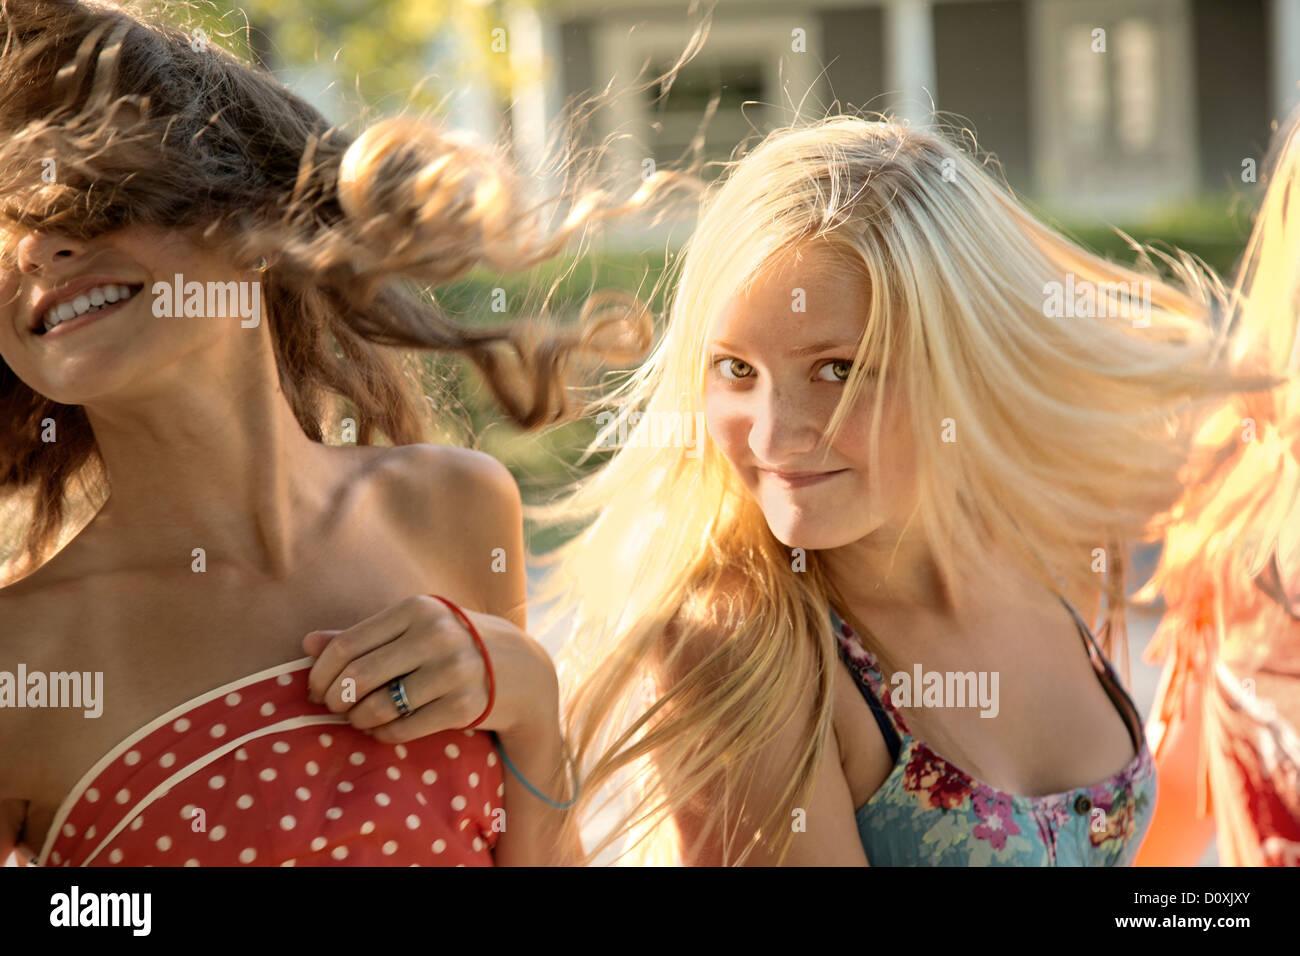 Las chicas con cabello largo en la luz del sol Imagen De Stock